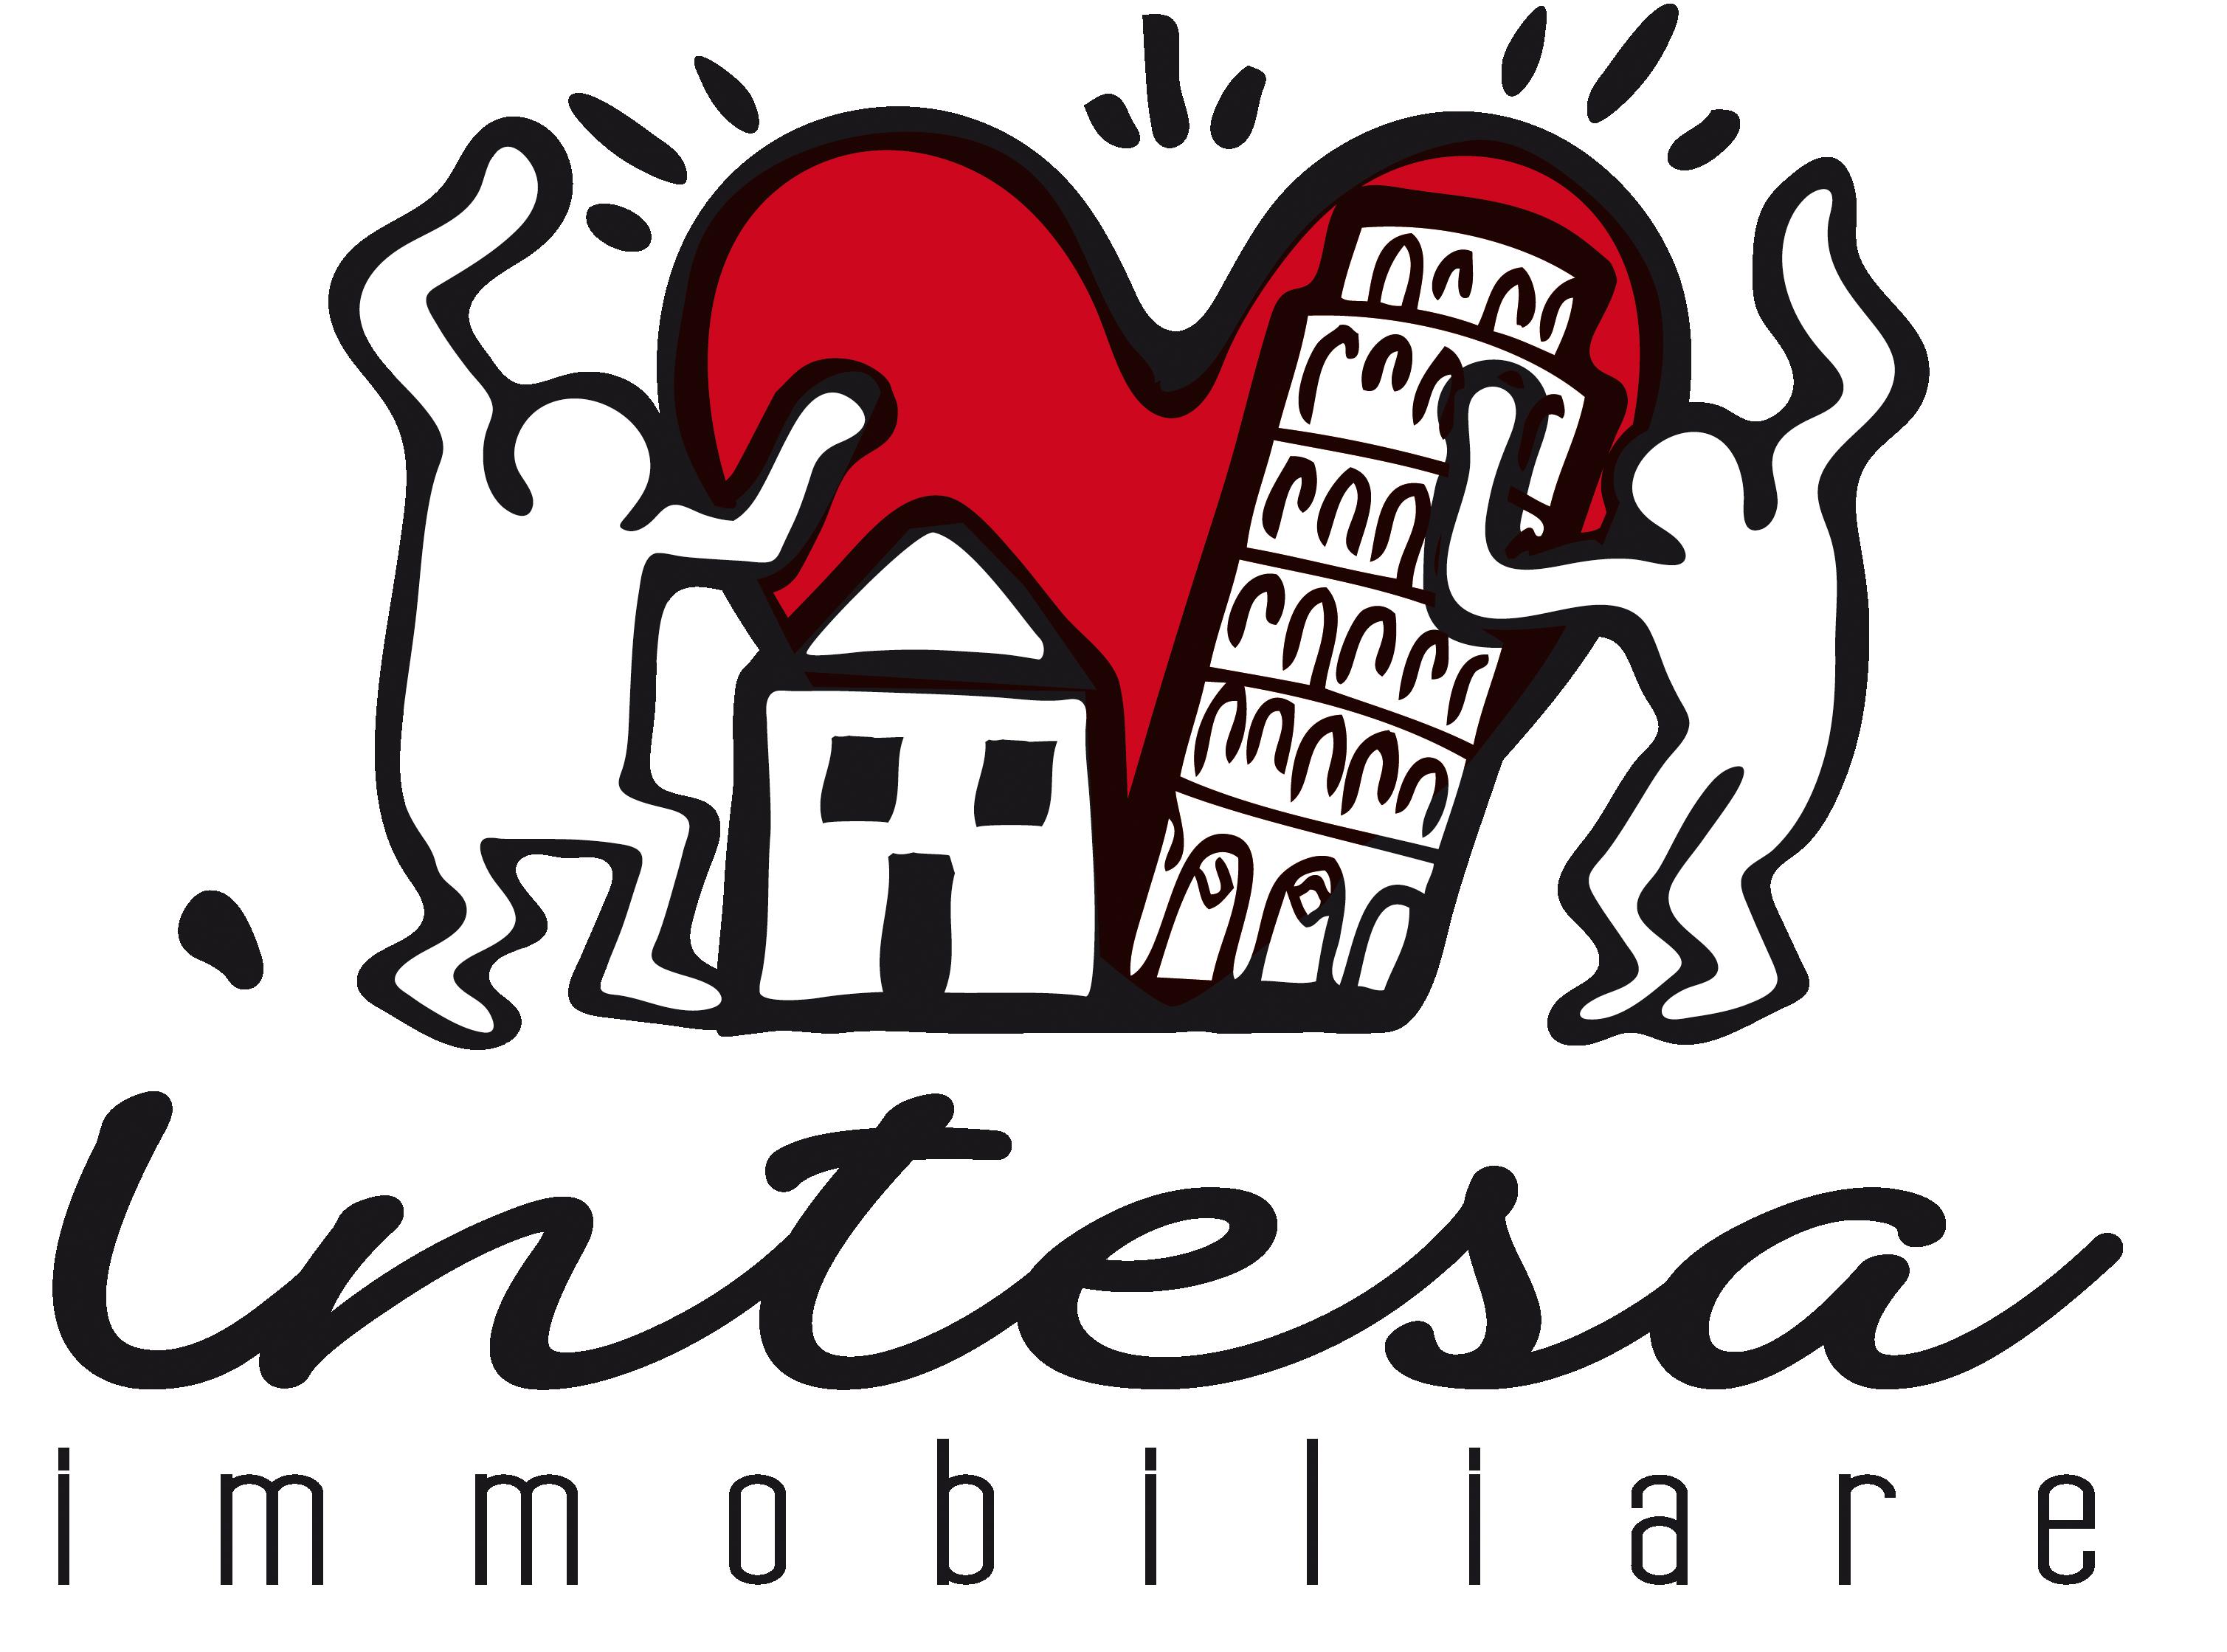 Dal 1994 INTESA IMMOBILIARE Stime Immobiliari gratuite in Pisa entro 48 h  ,  vera conoscenza del mercato immobiliare Pisano .Servizi Immobiliari di q